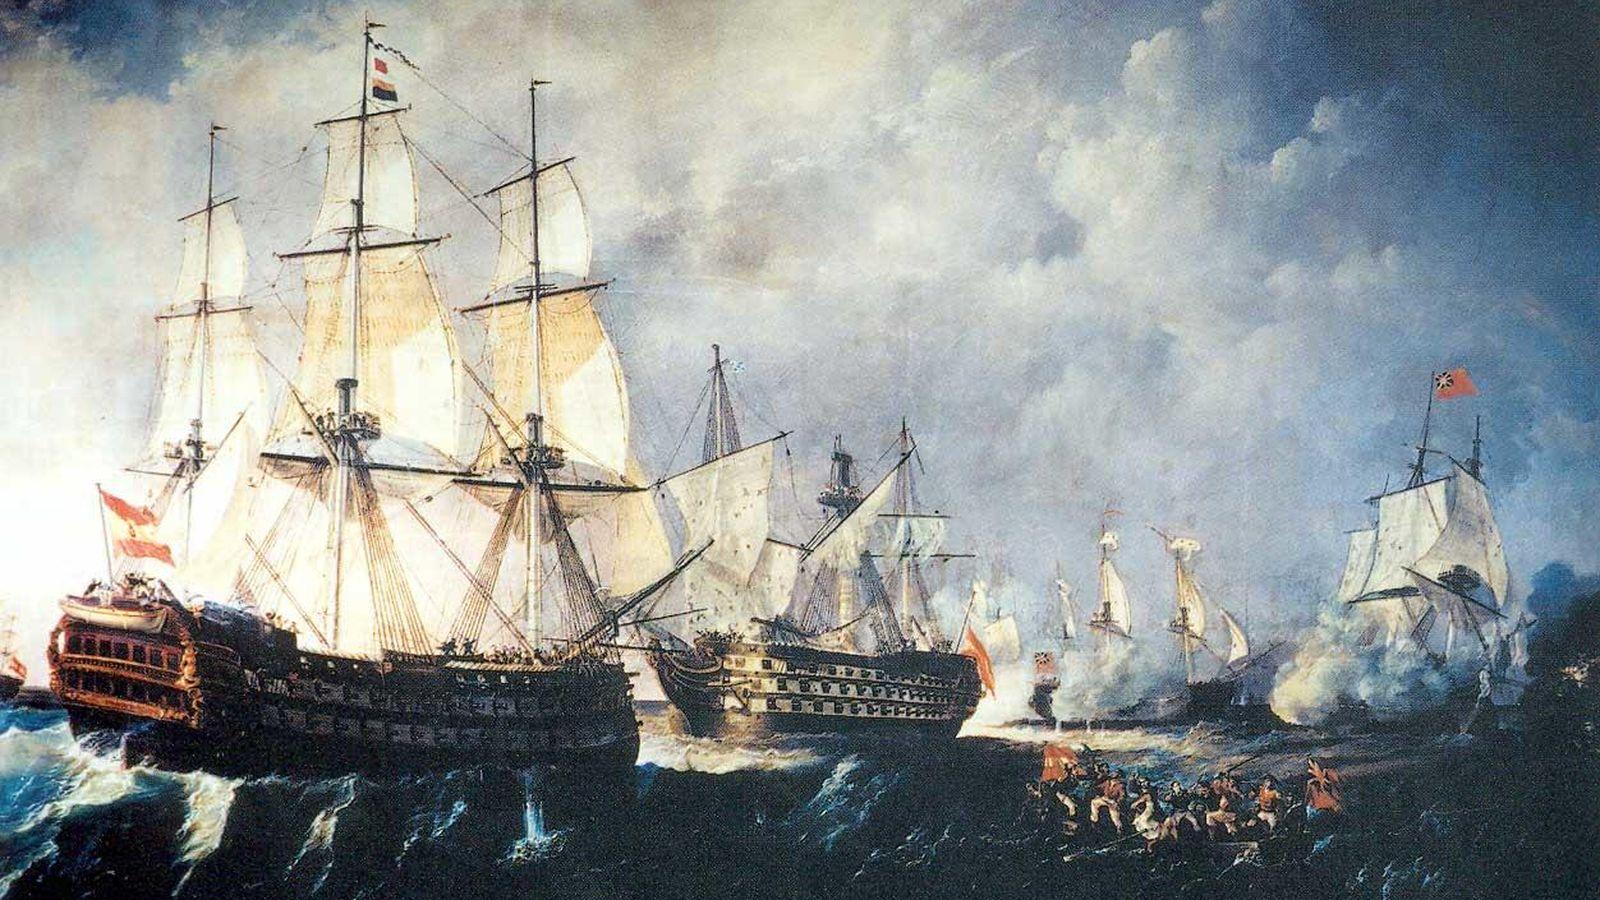 C mo espa a logr crear la armada m s temible del mundo - Tarimas del mundo madrid ...